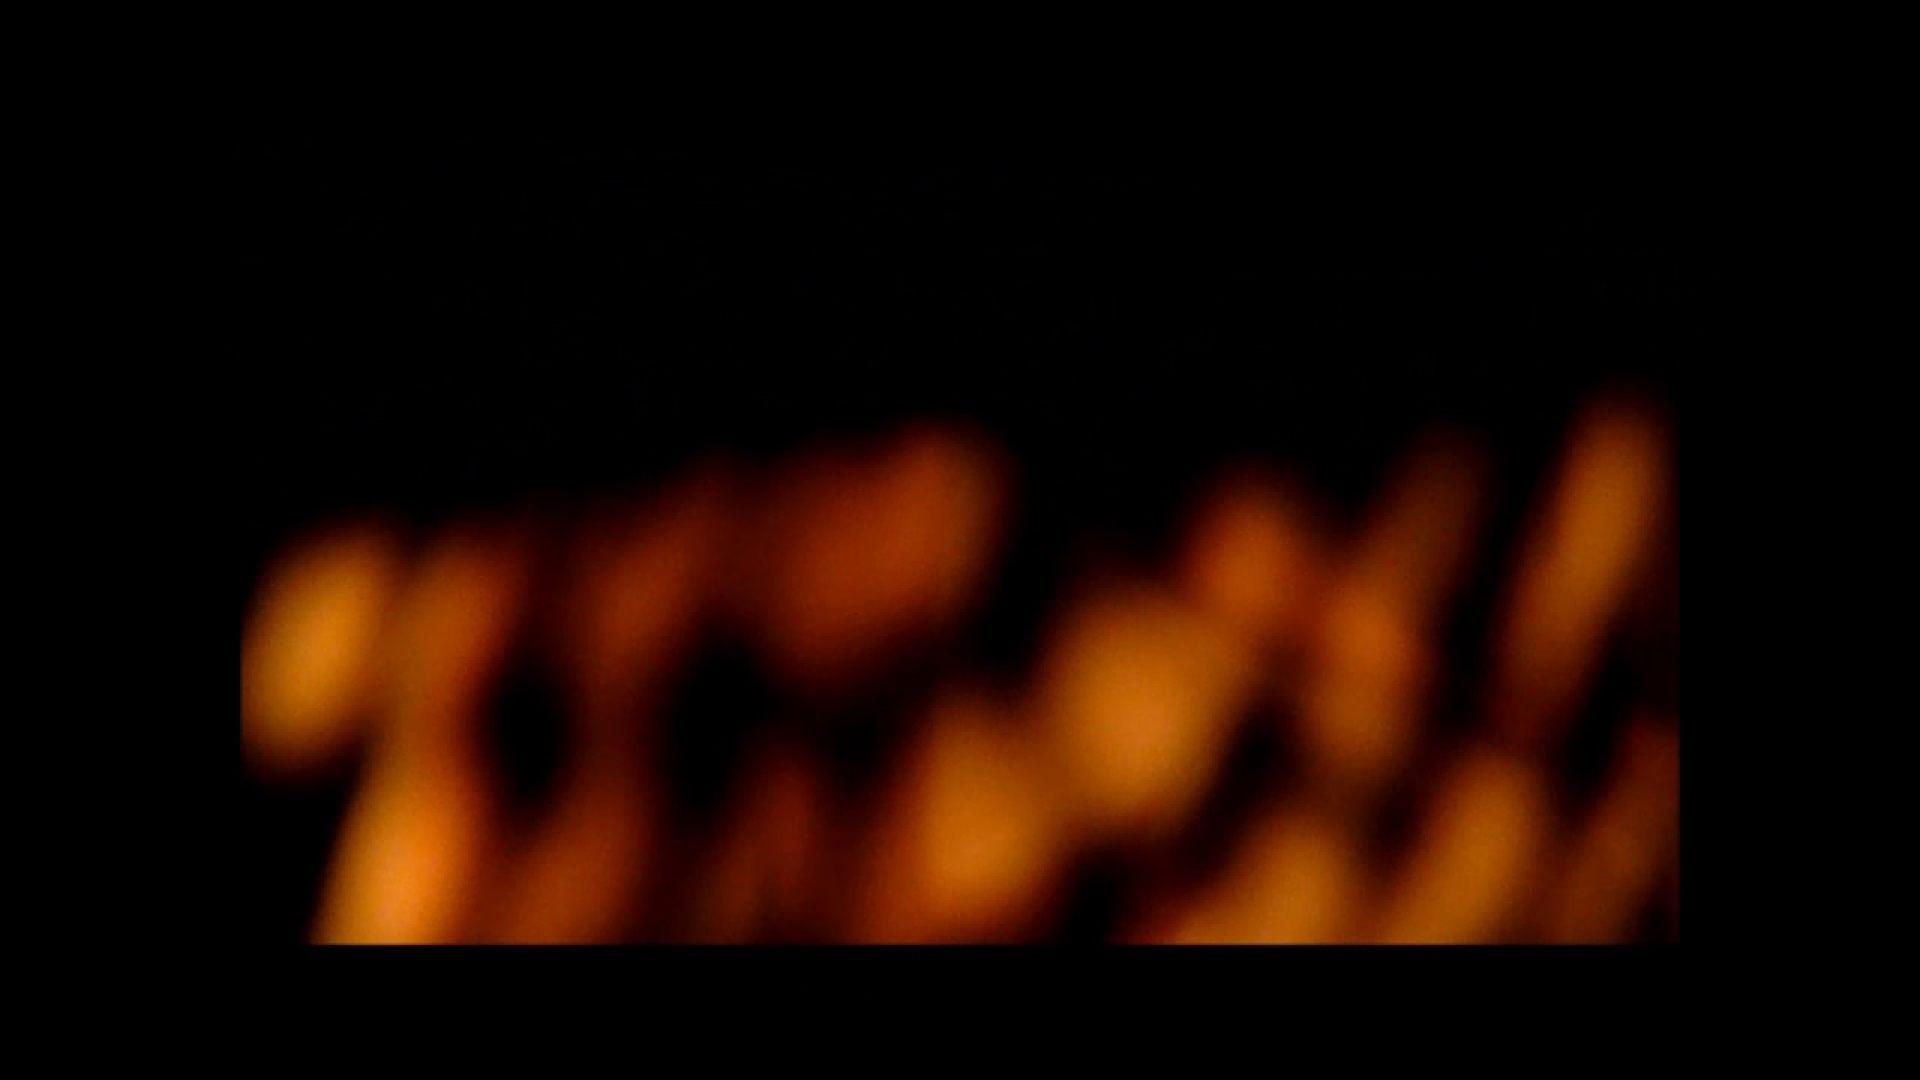 【02】ベランダに侵入して張り込みを始めて・・・やっと結果が出ました。 家宅侵入   0  107pic 47